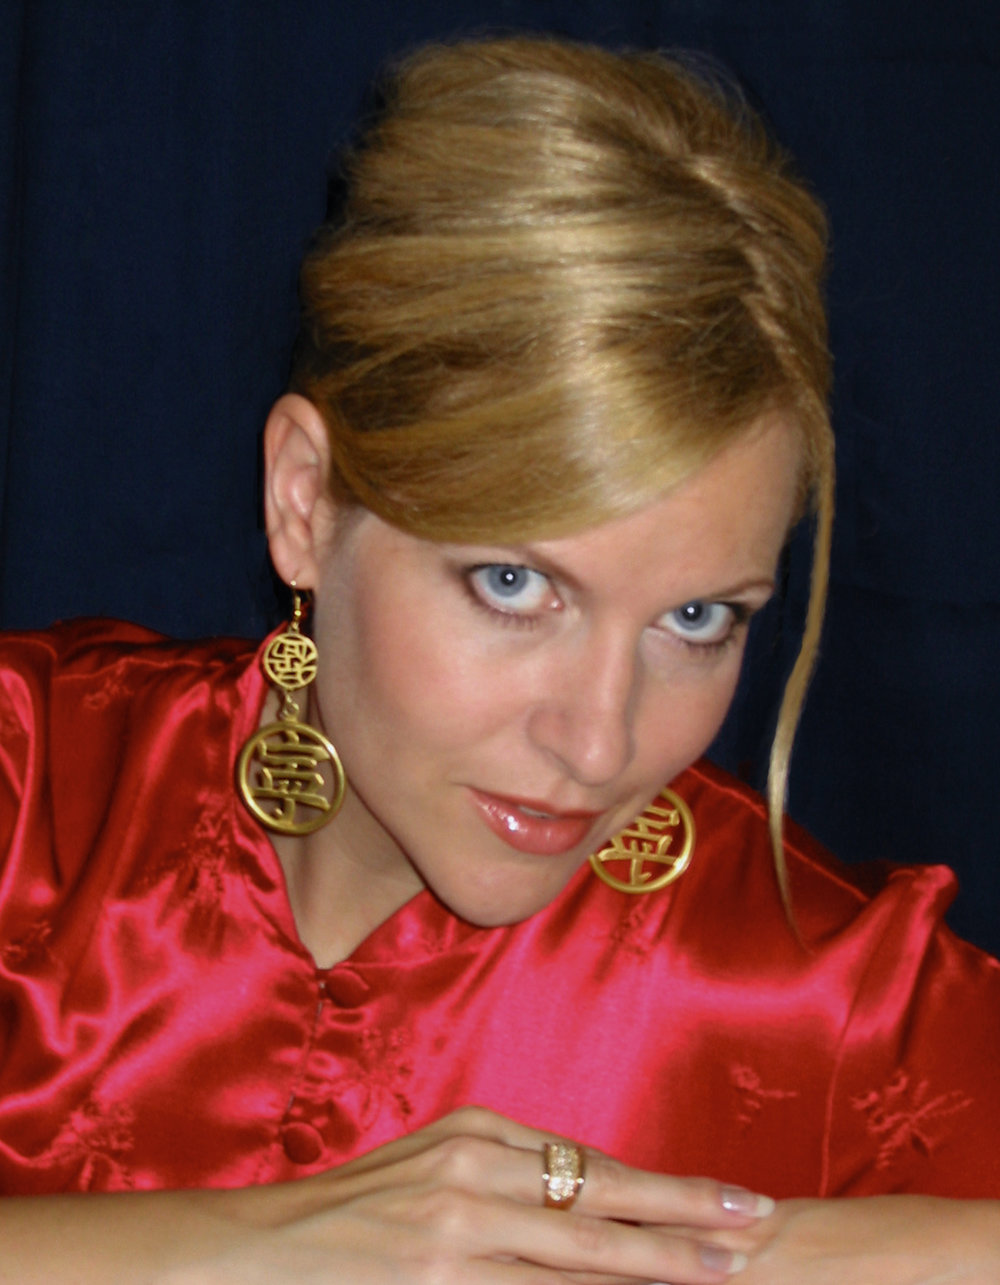 Lini Evans 伊韻絲 - Lini Evans 是溫哥華的國際藝人,她有響亮的聲音,在舞台上光芒四射,曾在多個企業活動及國際節日中表演,更在香港、巴黎、大阪及神戶演出。她是曾在美國Reno市聯同卡加利管弦樂團演出的歌手,亦曾在多倫多的SkyDome Stadium演出,也是唯一在中國總理朱鎔基到訪活動中演出的藝人,共有一千名國際領袖出席這活動。此外,她曾多次在電視及電台中演出。她是歌廳獨唱歌手,以八種語言演出,使全球各地觀眾驚喜,她這個藍眼睛的金髮女郎能夠用廣東話、國語、日語、英語、法語、西班牙語及其他語言演唱,確是令人驚嘆!她曾在中國北京國家電視台演出(與著名的大山一起演出),又在台北和著名歌手劉德華、周華健等一起為當地最大的廣播公司的七十週年紀念演唱會中高歌一曲,真是中西文化的橋樑,Lini曾在美國的郵輪上、北美洲的私人活動、夜總會及節日中演出,她除了在全球多個地方獨唱演出外,又和溫哥華的Champagne樂隊一起演出。在大音樂會中華情在溫哥華的Rogers Arena她唱歌與韓磊. 并且她接受新時代電視雷安娜訪問,又在新時代電視和上海電視台聯合舉辦的二零零八年新春綜藝晚會中演出,其他表演嘉賓還有蔡琴、費玉清和韋唯等。